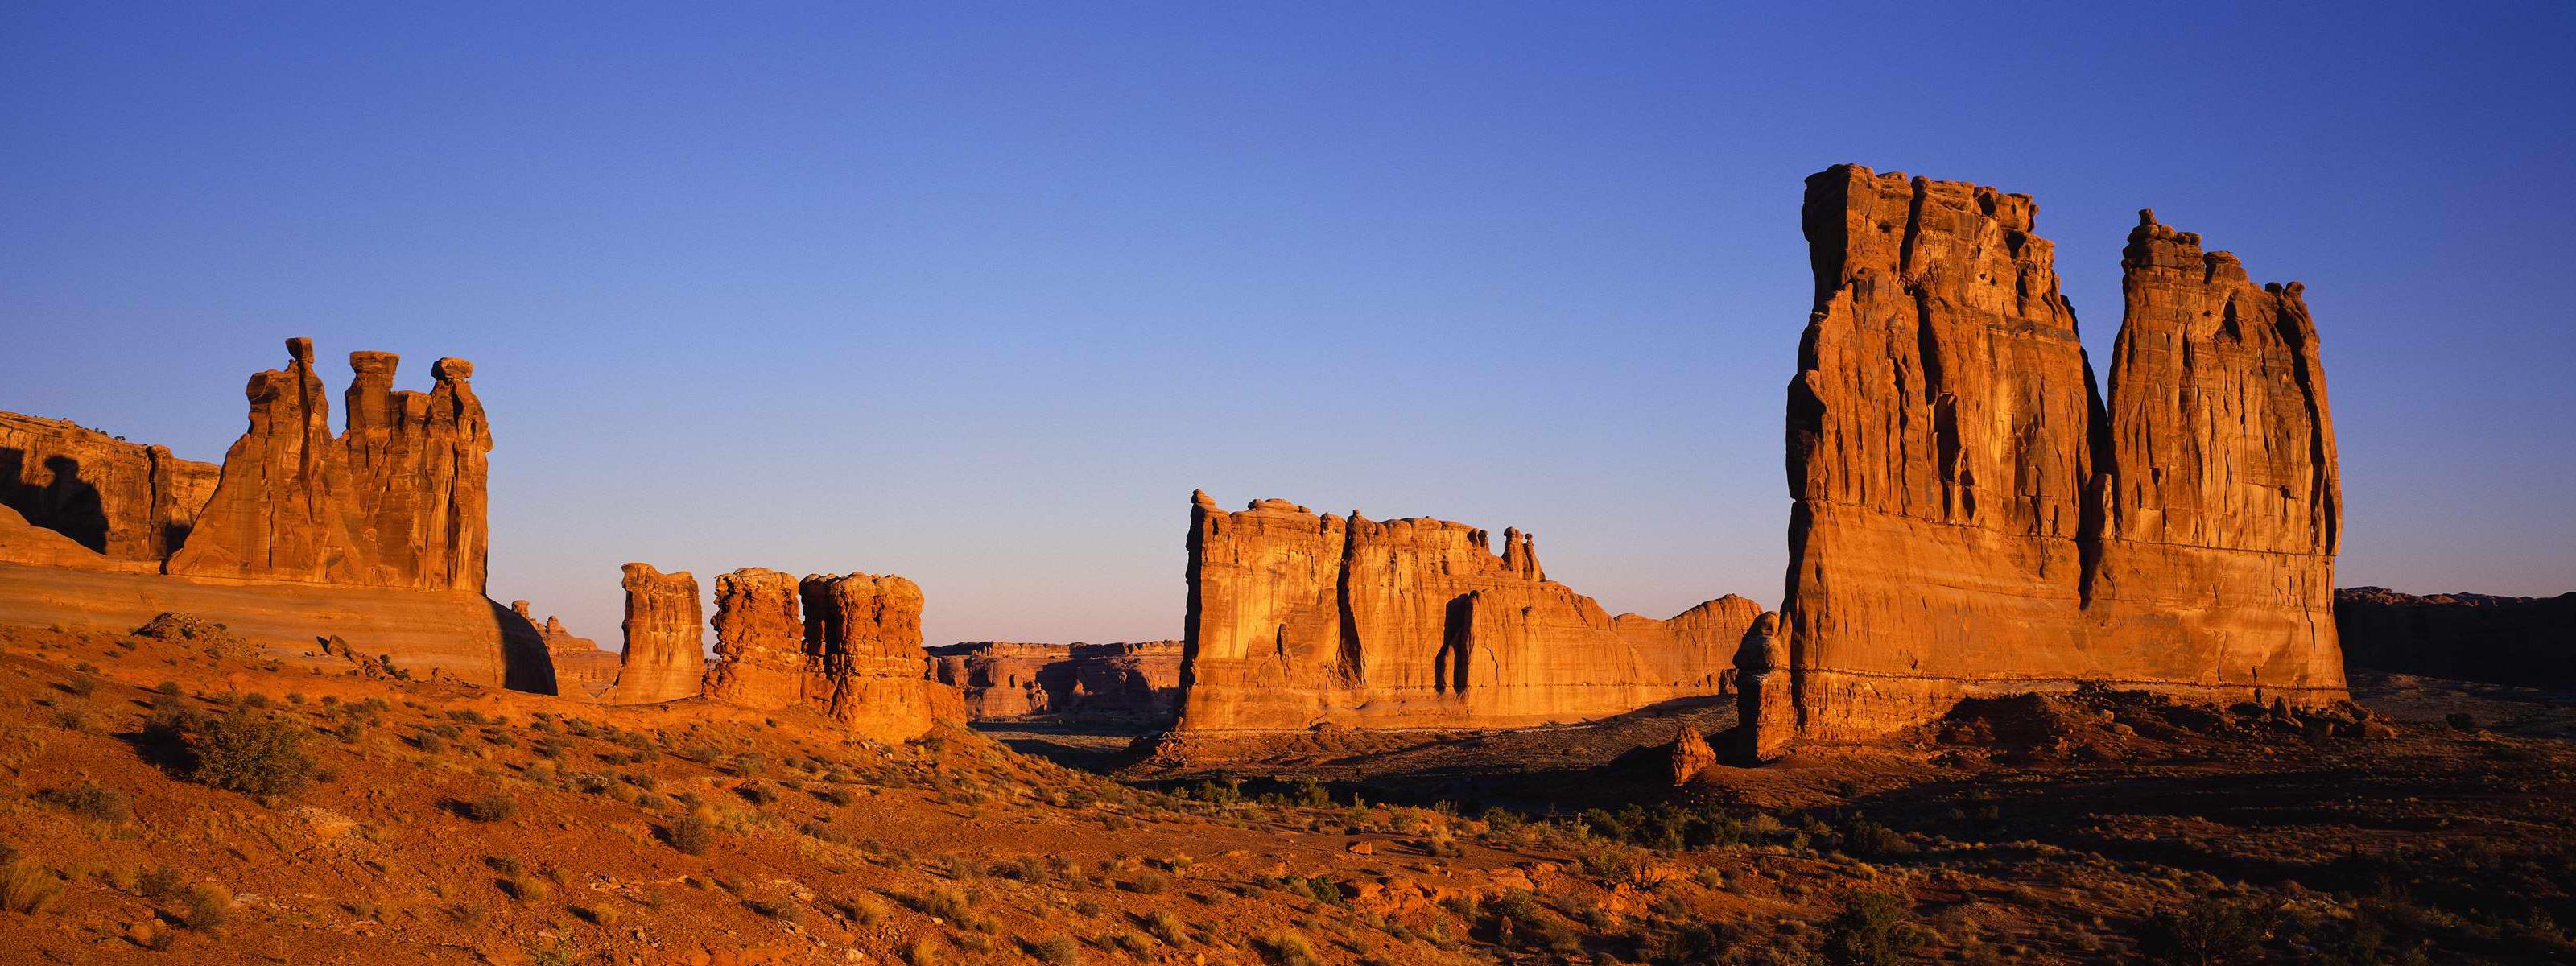 Wallpapers Hd Arizona Desert Storm 1600 X 1200 372 Kb Jpeg HD 3200x1200